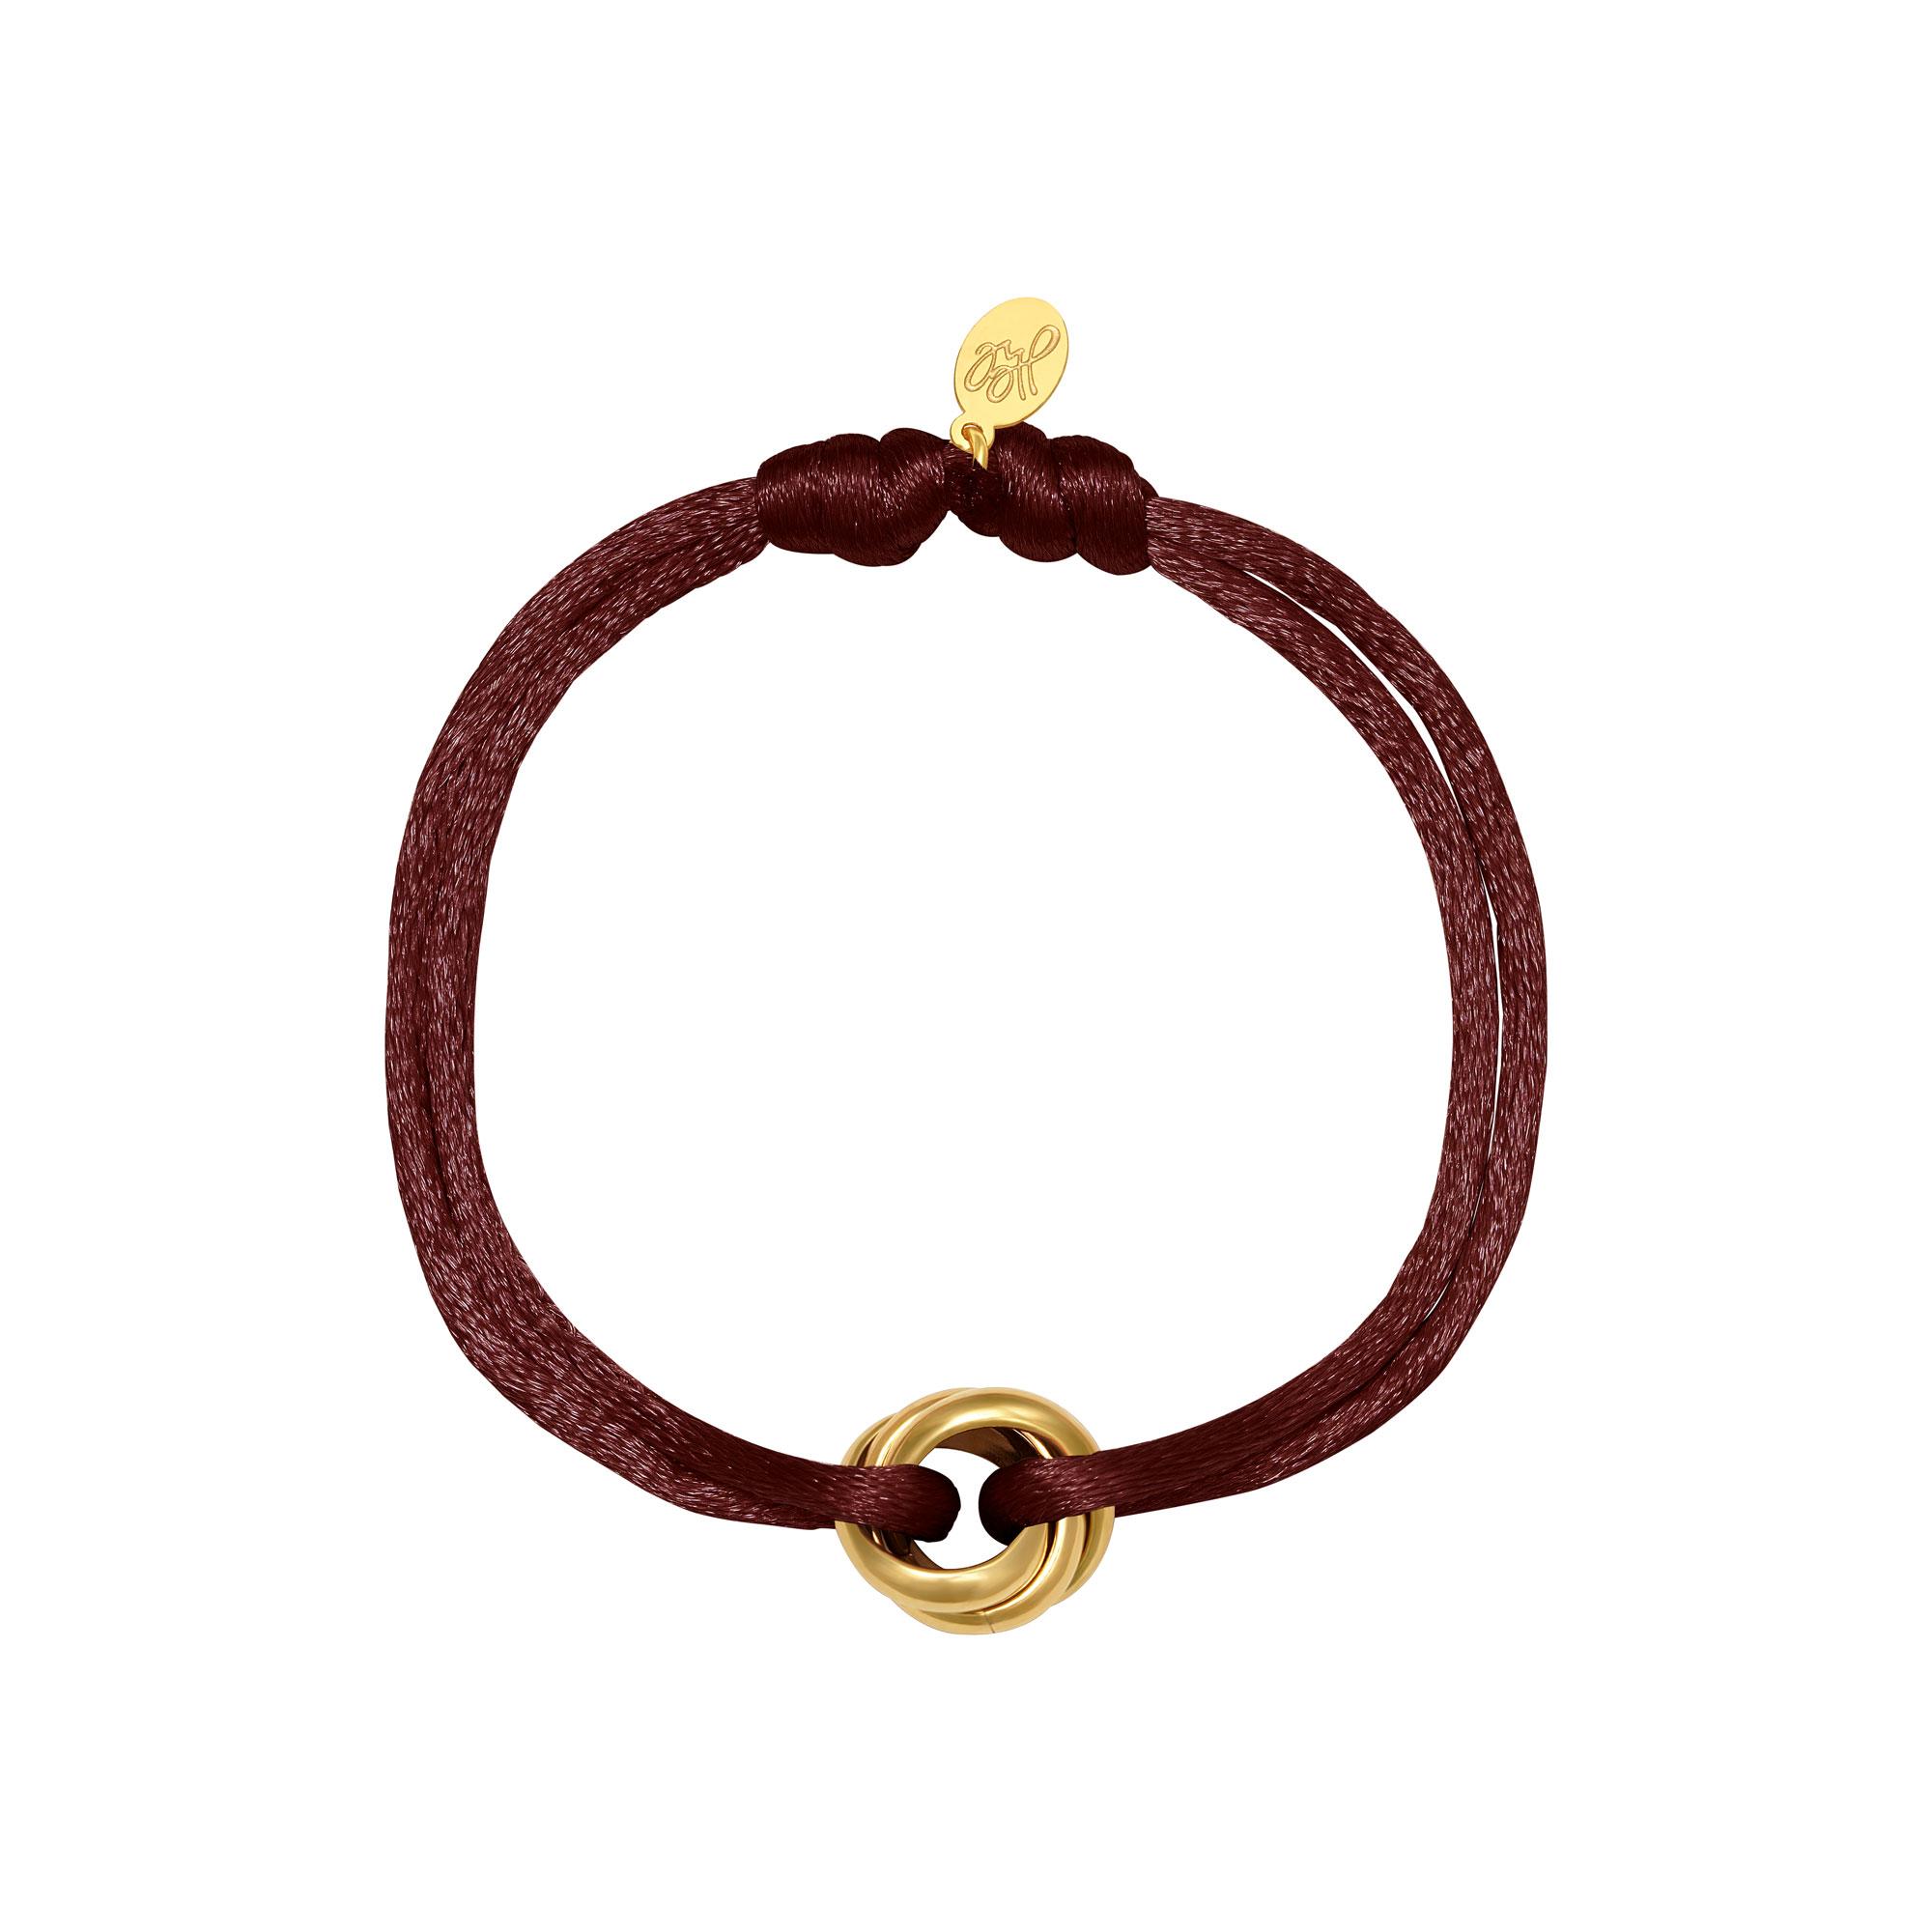 Armband satin knot